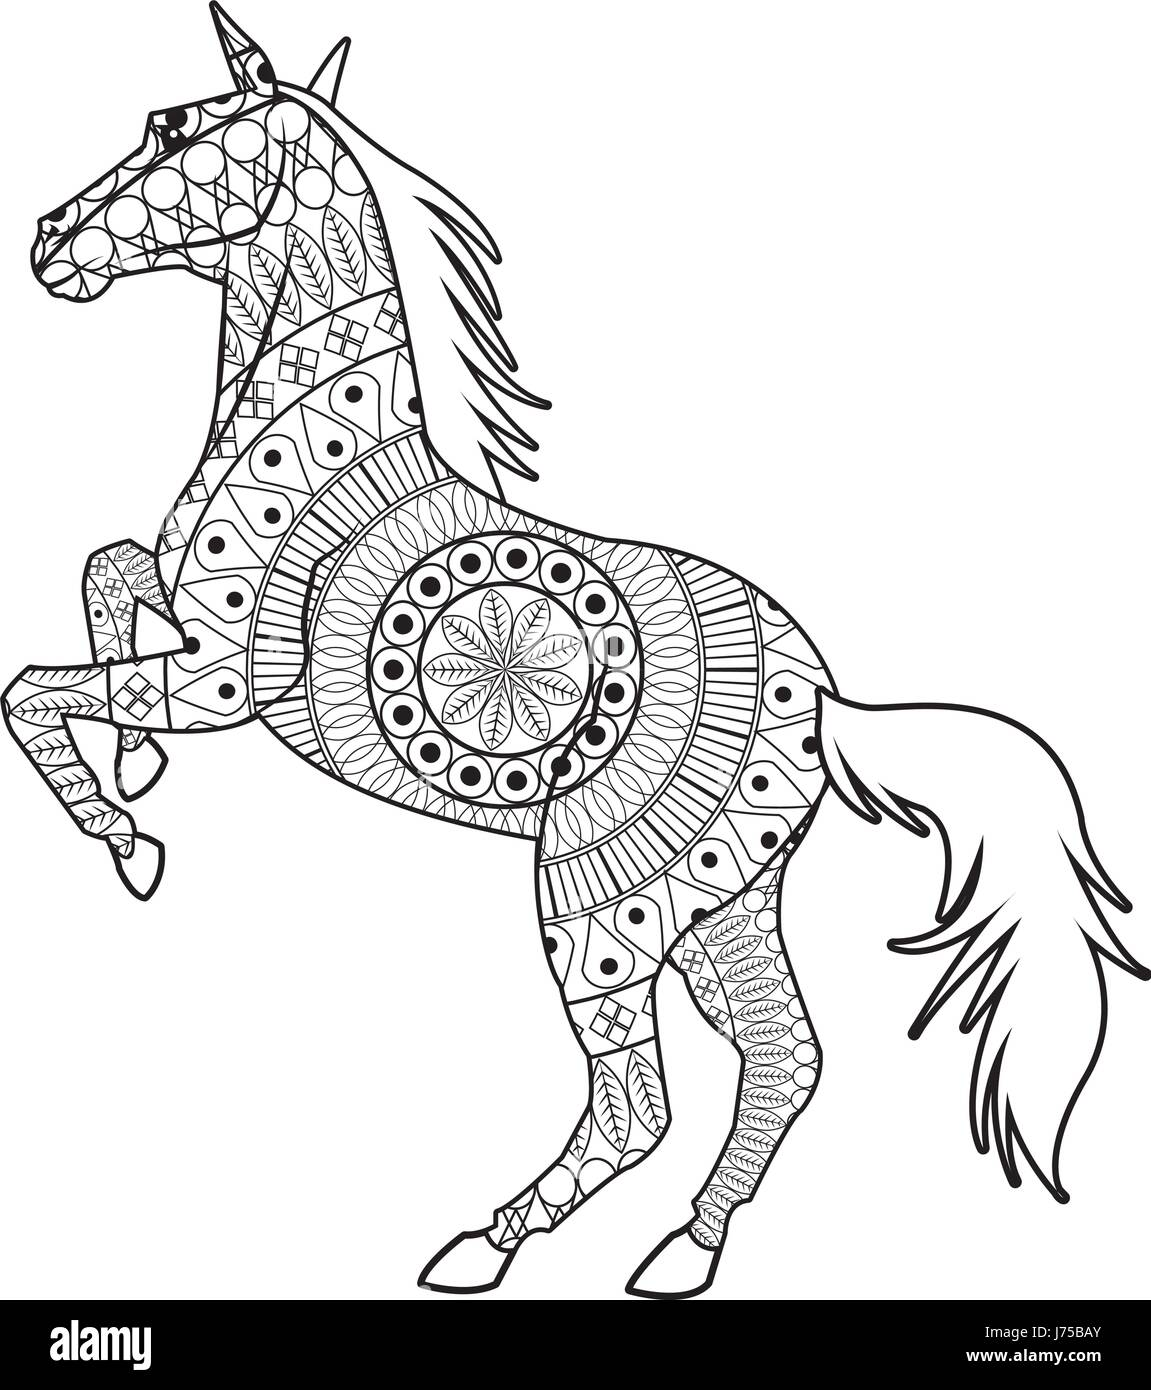 pferd auf zwei beinen  mandala dekoration tierbild vektor